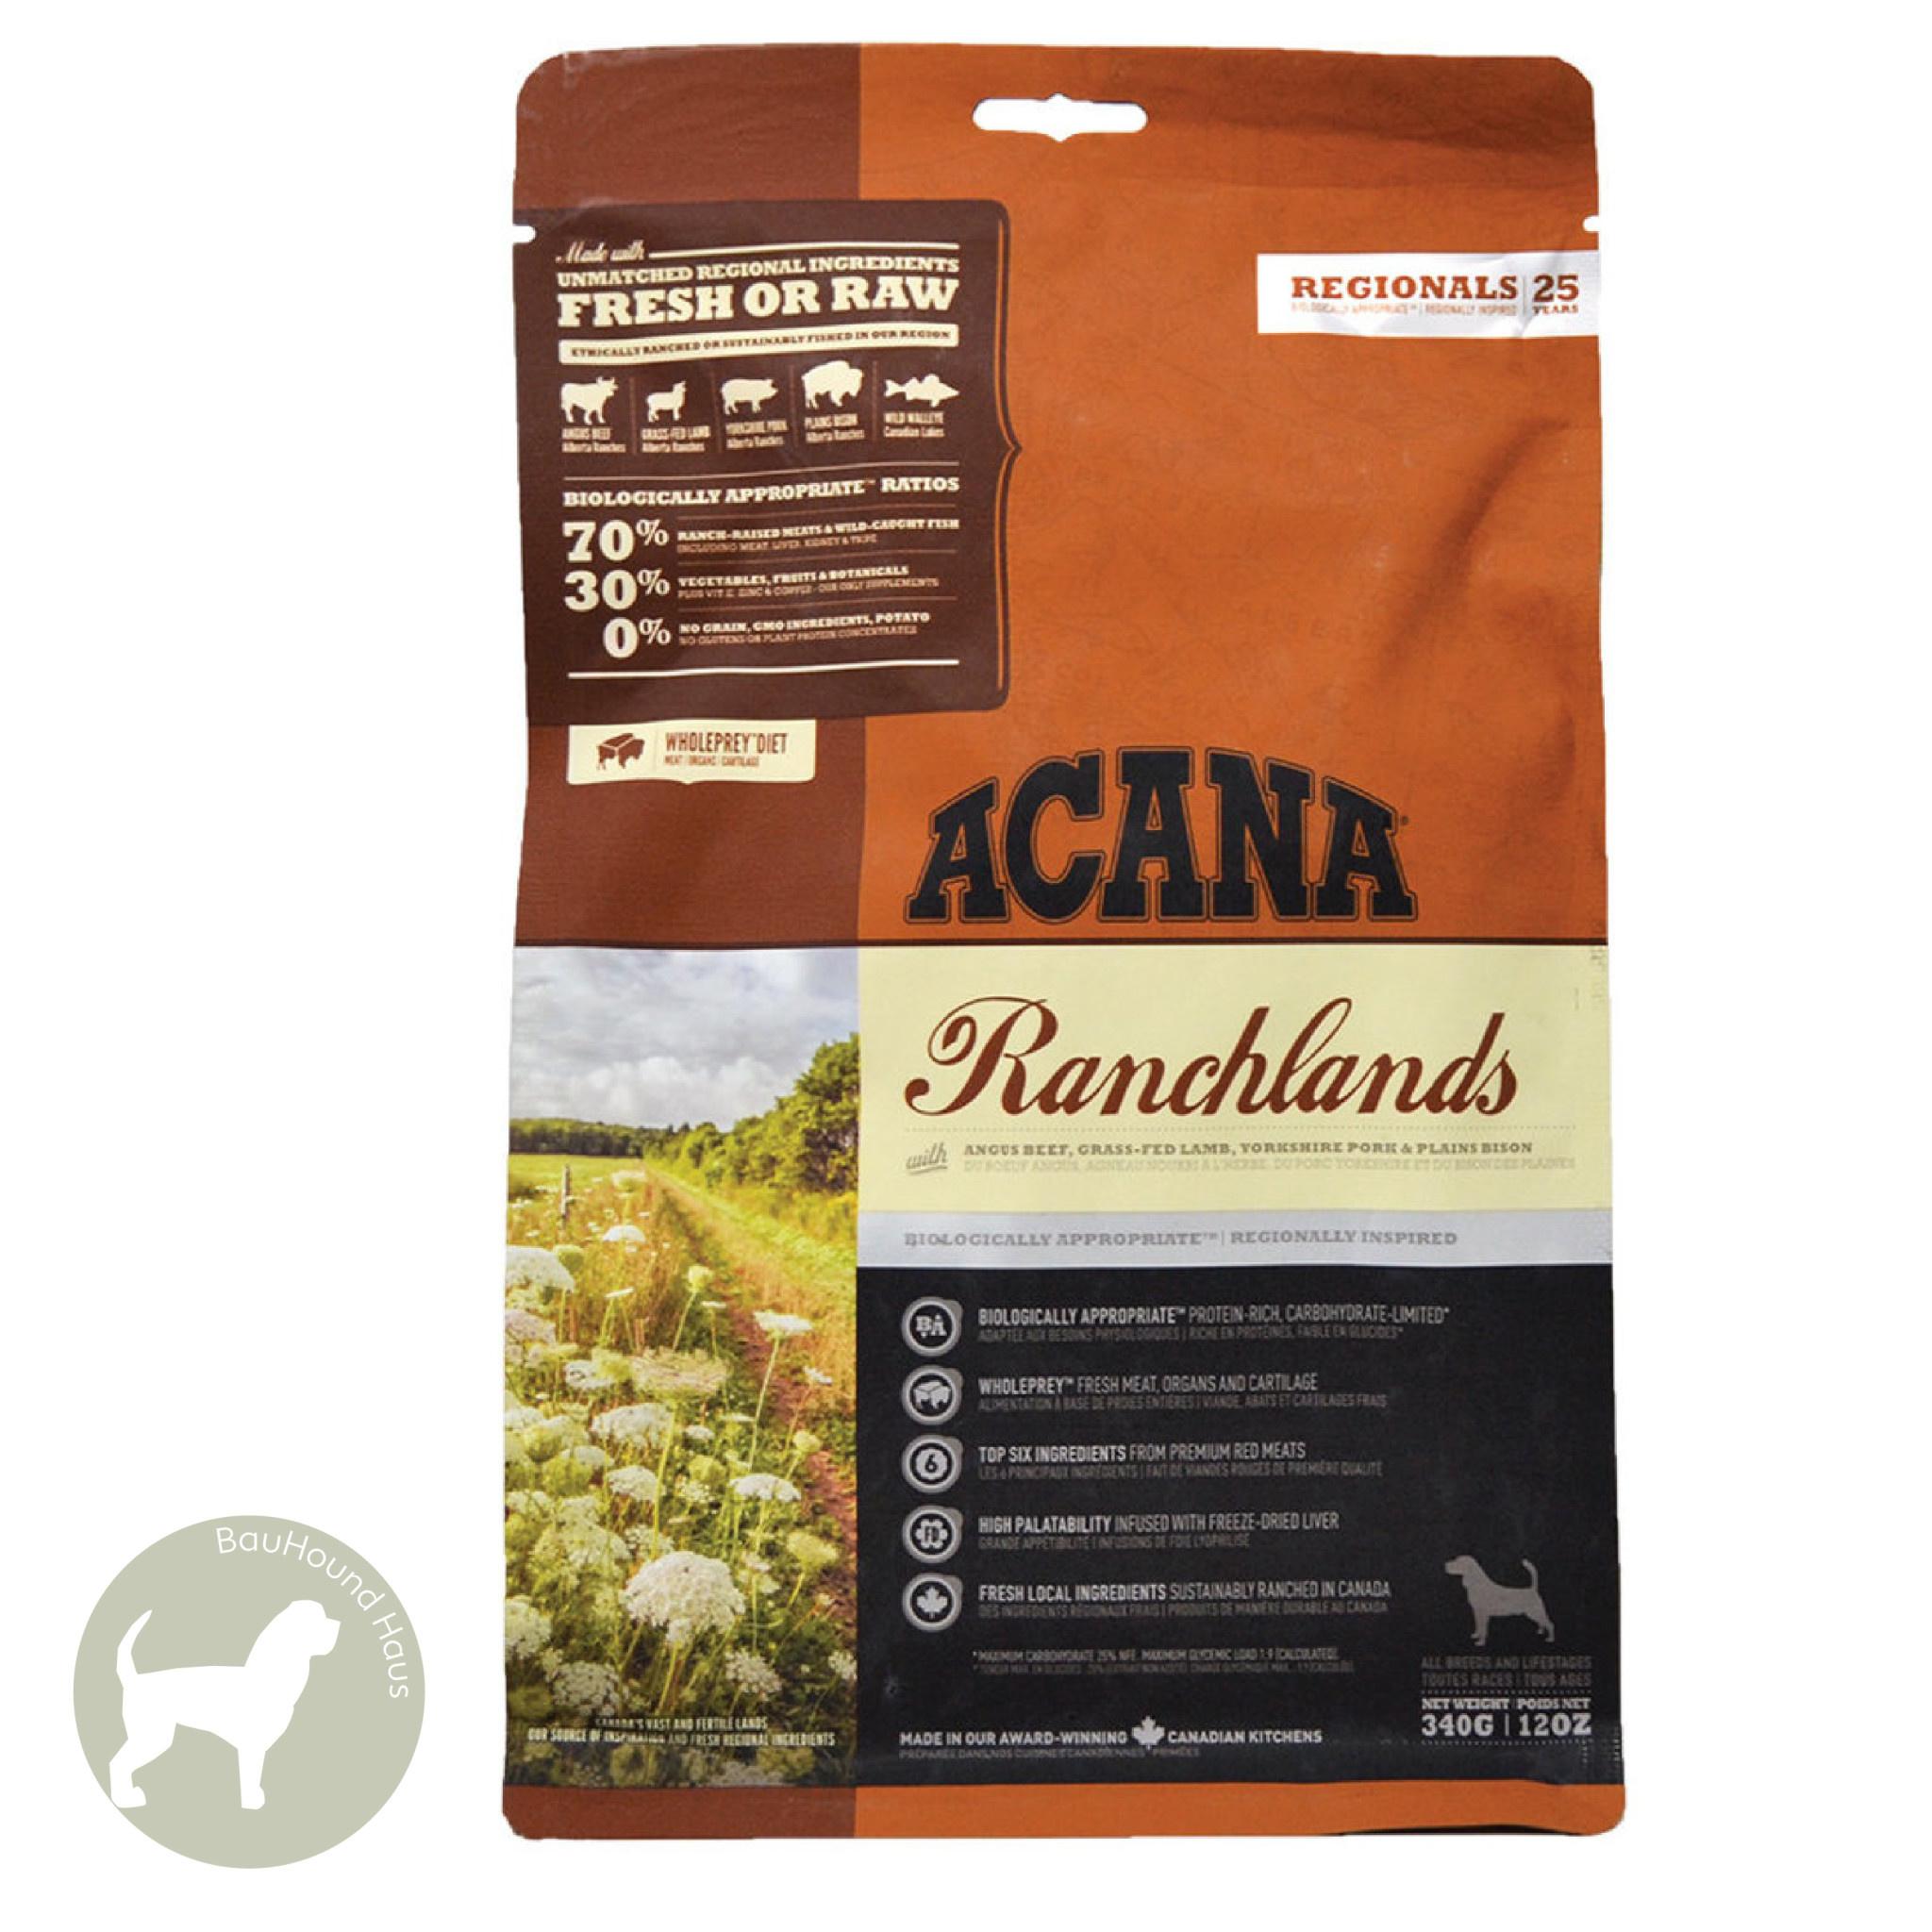 Acana Acana REGIONALS Ranchlands Kibble, 6kg